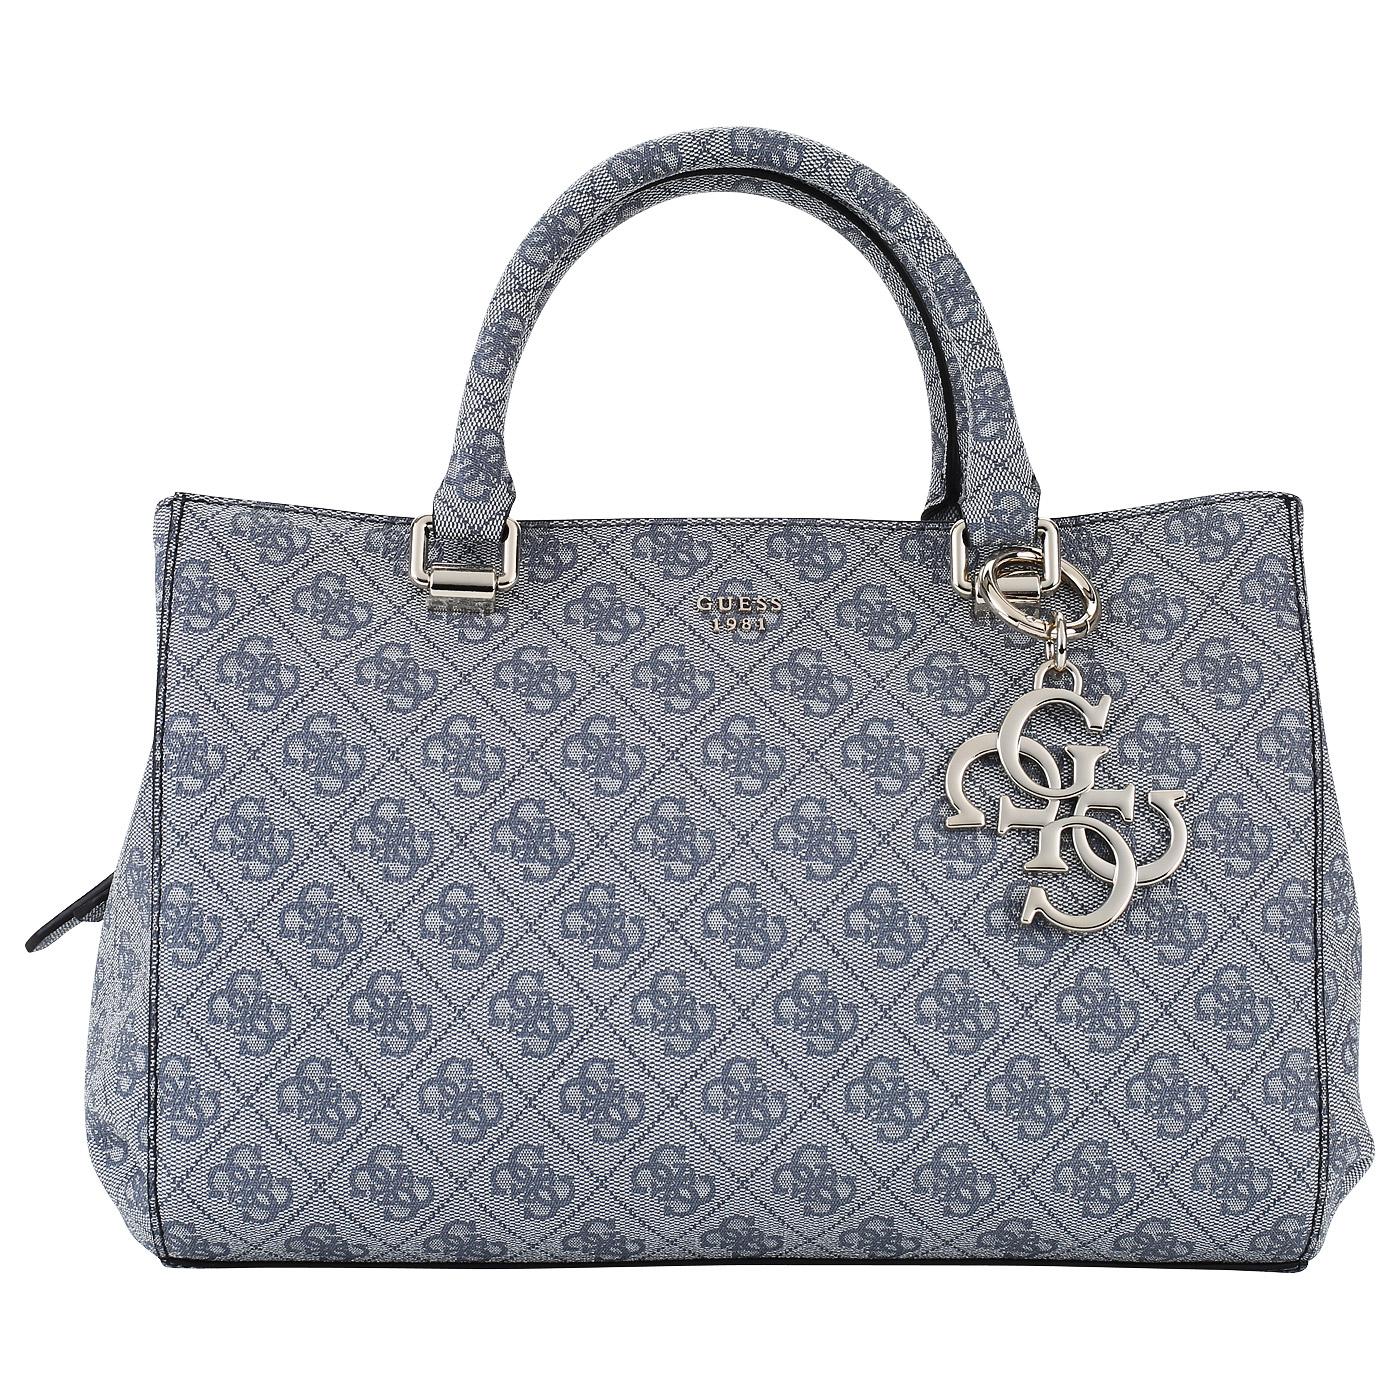 Серая вместительная женская сумка Guess Joleen HWSG68 57070 grey ... df91c809e43